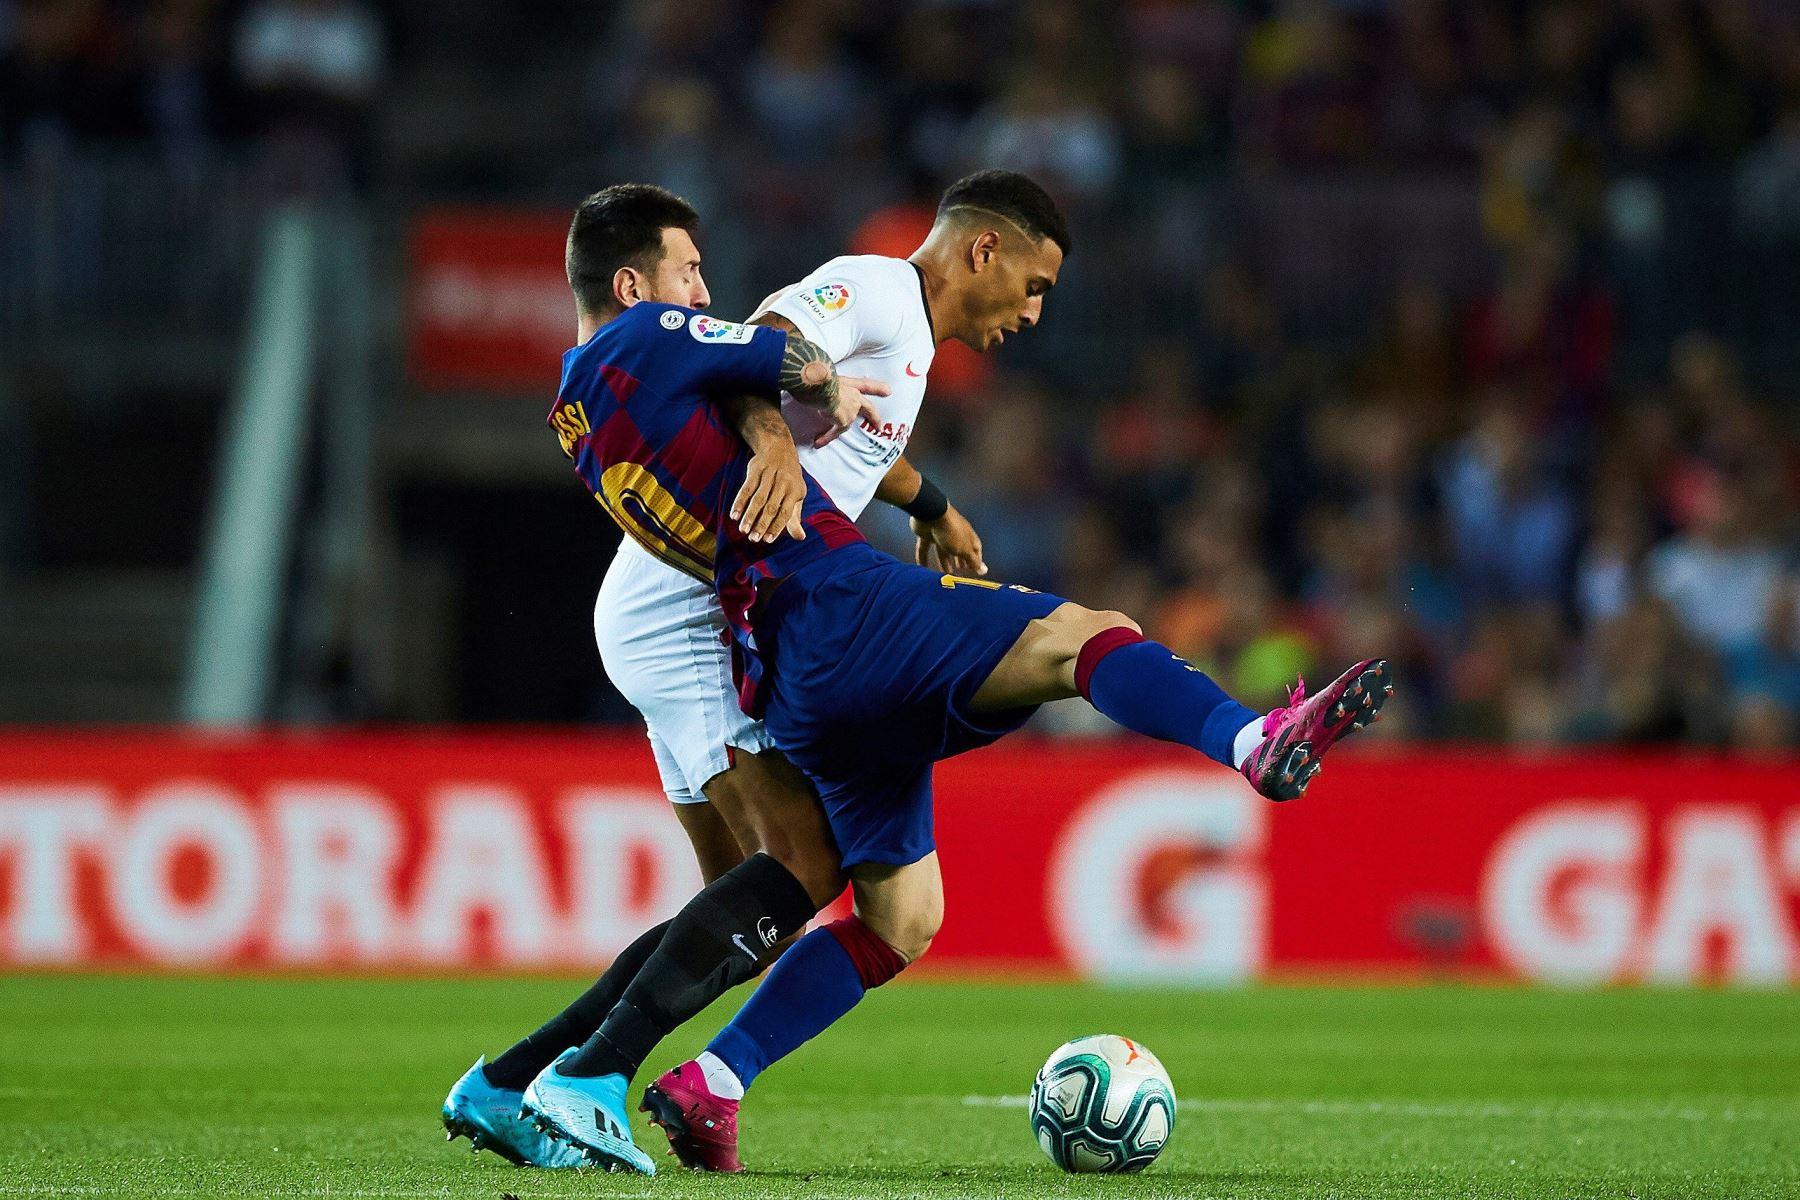 El delantero argentino del Barcelona Lionel Messi y el defensa del Sevilla Diego Carlos luchan por el balón durante el partido de la octava jornada de Liga Santander. Foto: EFE